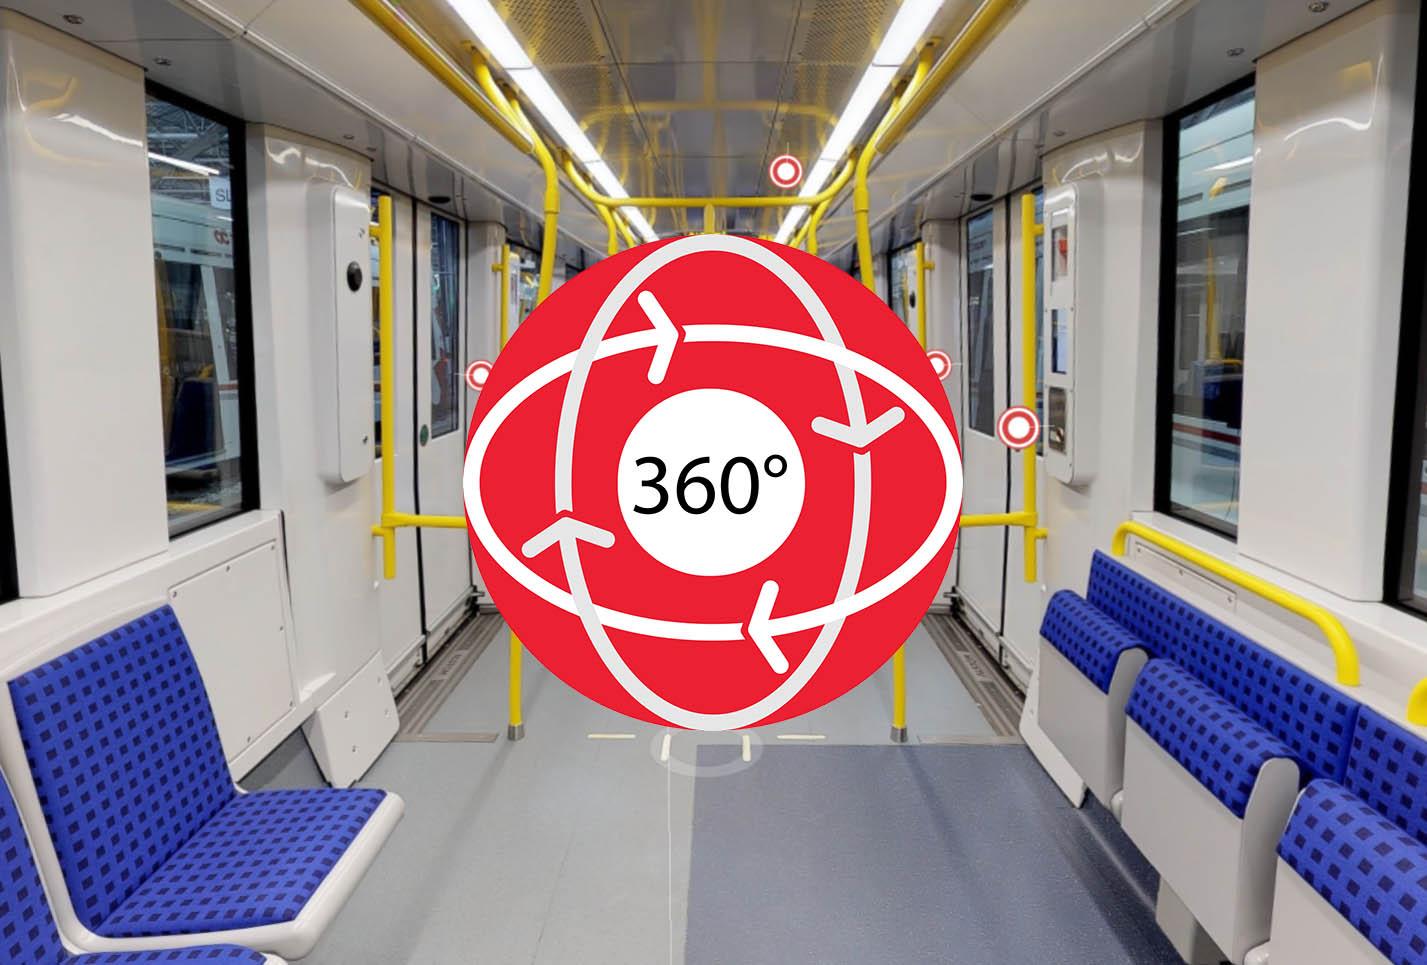 Image - Prêt pour l'O-Train : une visite virtuelle 360 degrés d'un train de la ligne 1 de l'O-Train